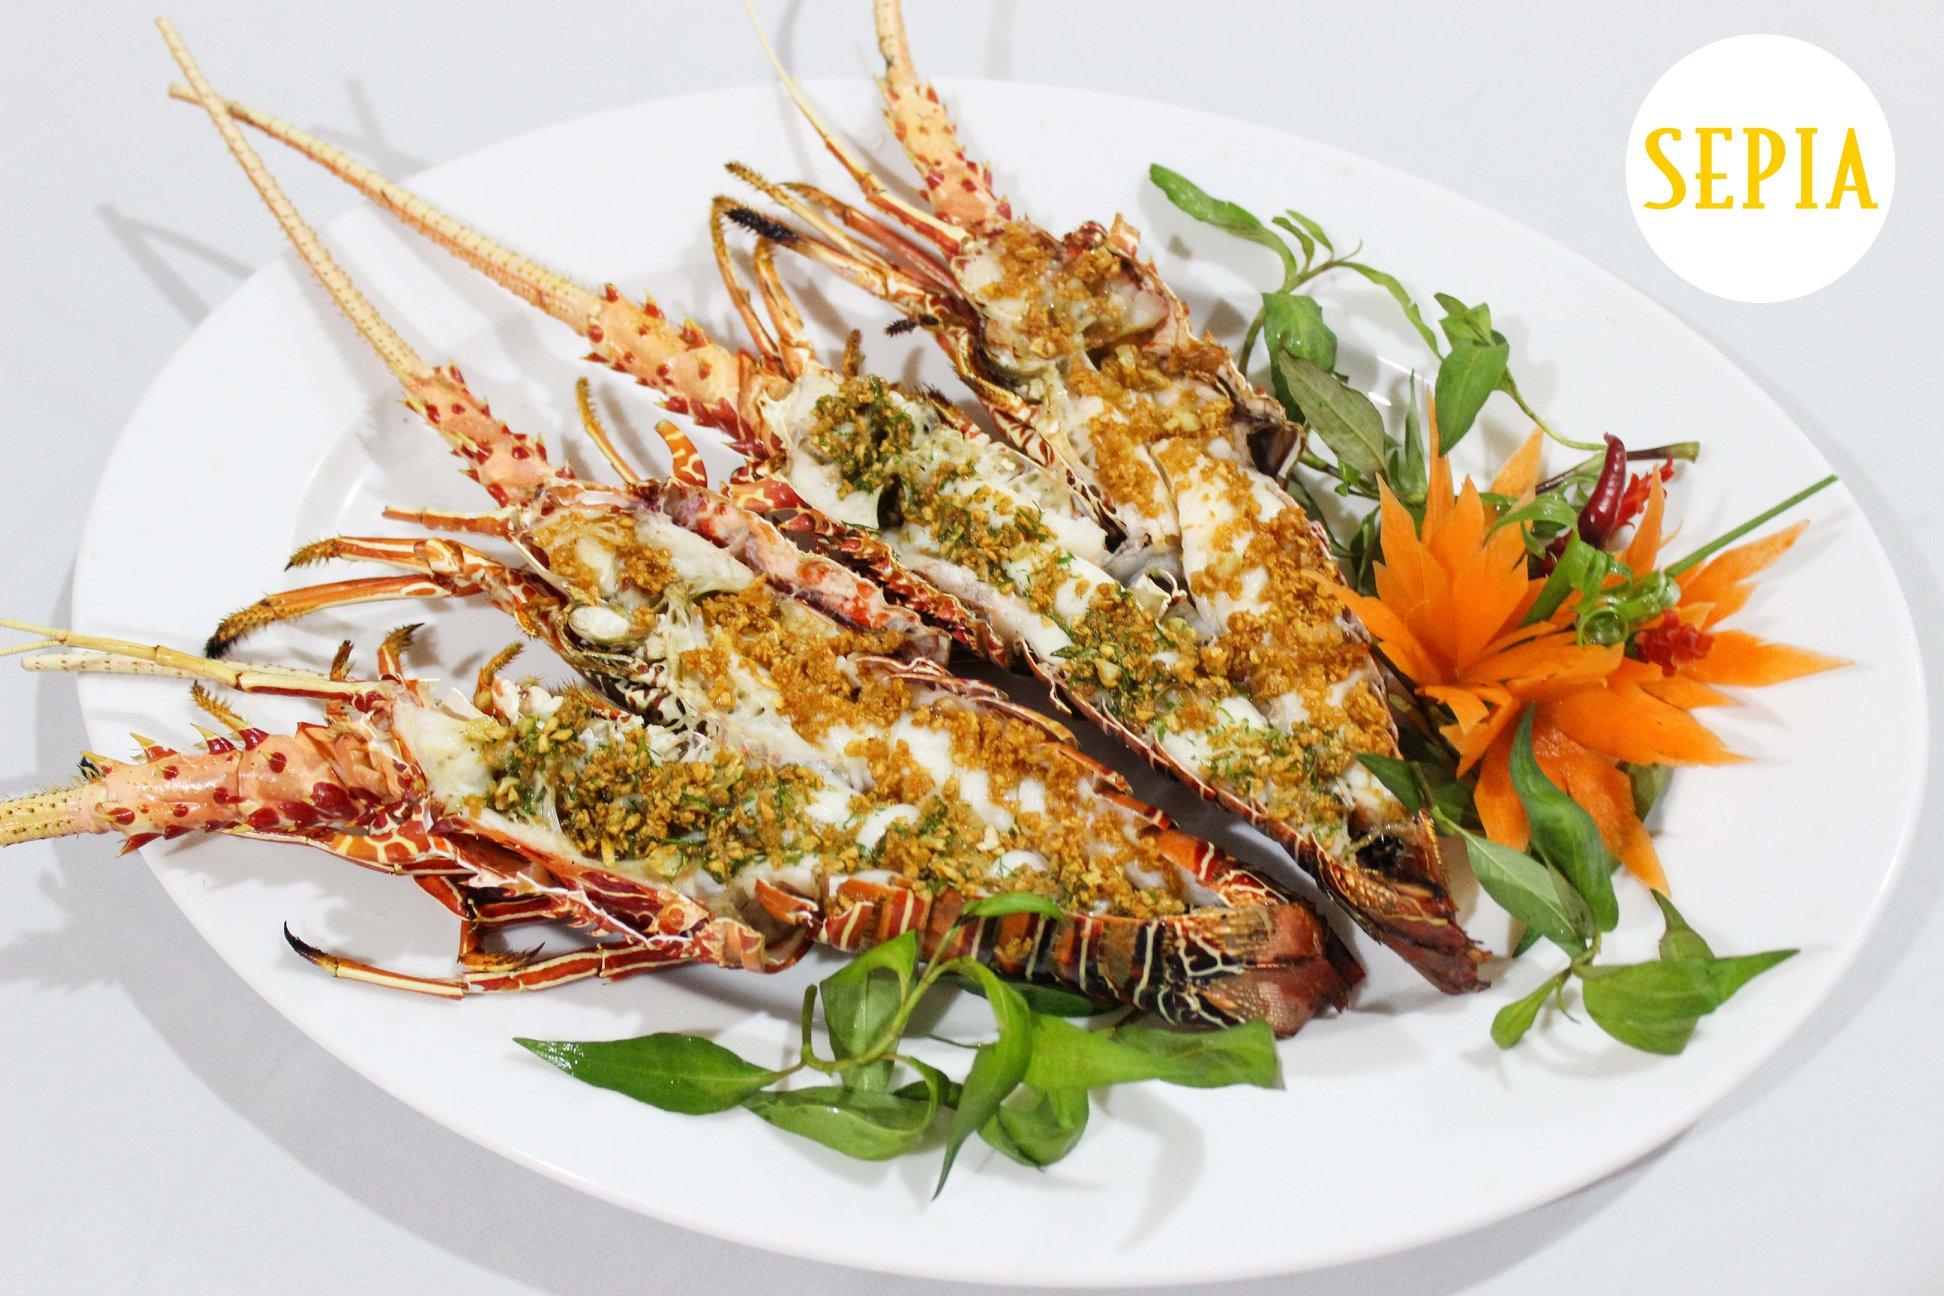 5 nhà hàng lí tưởng dành cho gia đình nhân dịp Trung thu ở TP HCM - Ảnh 12.